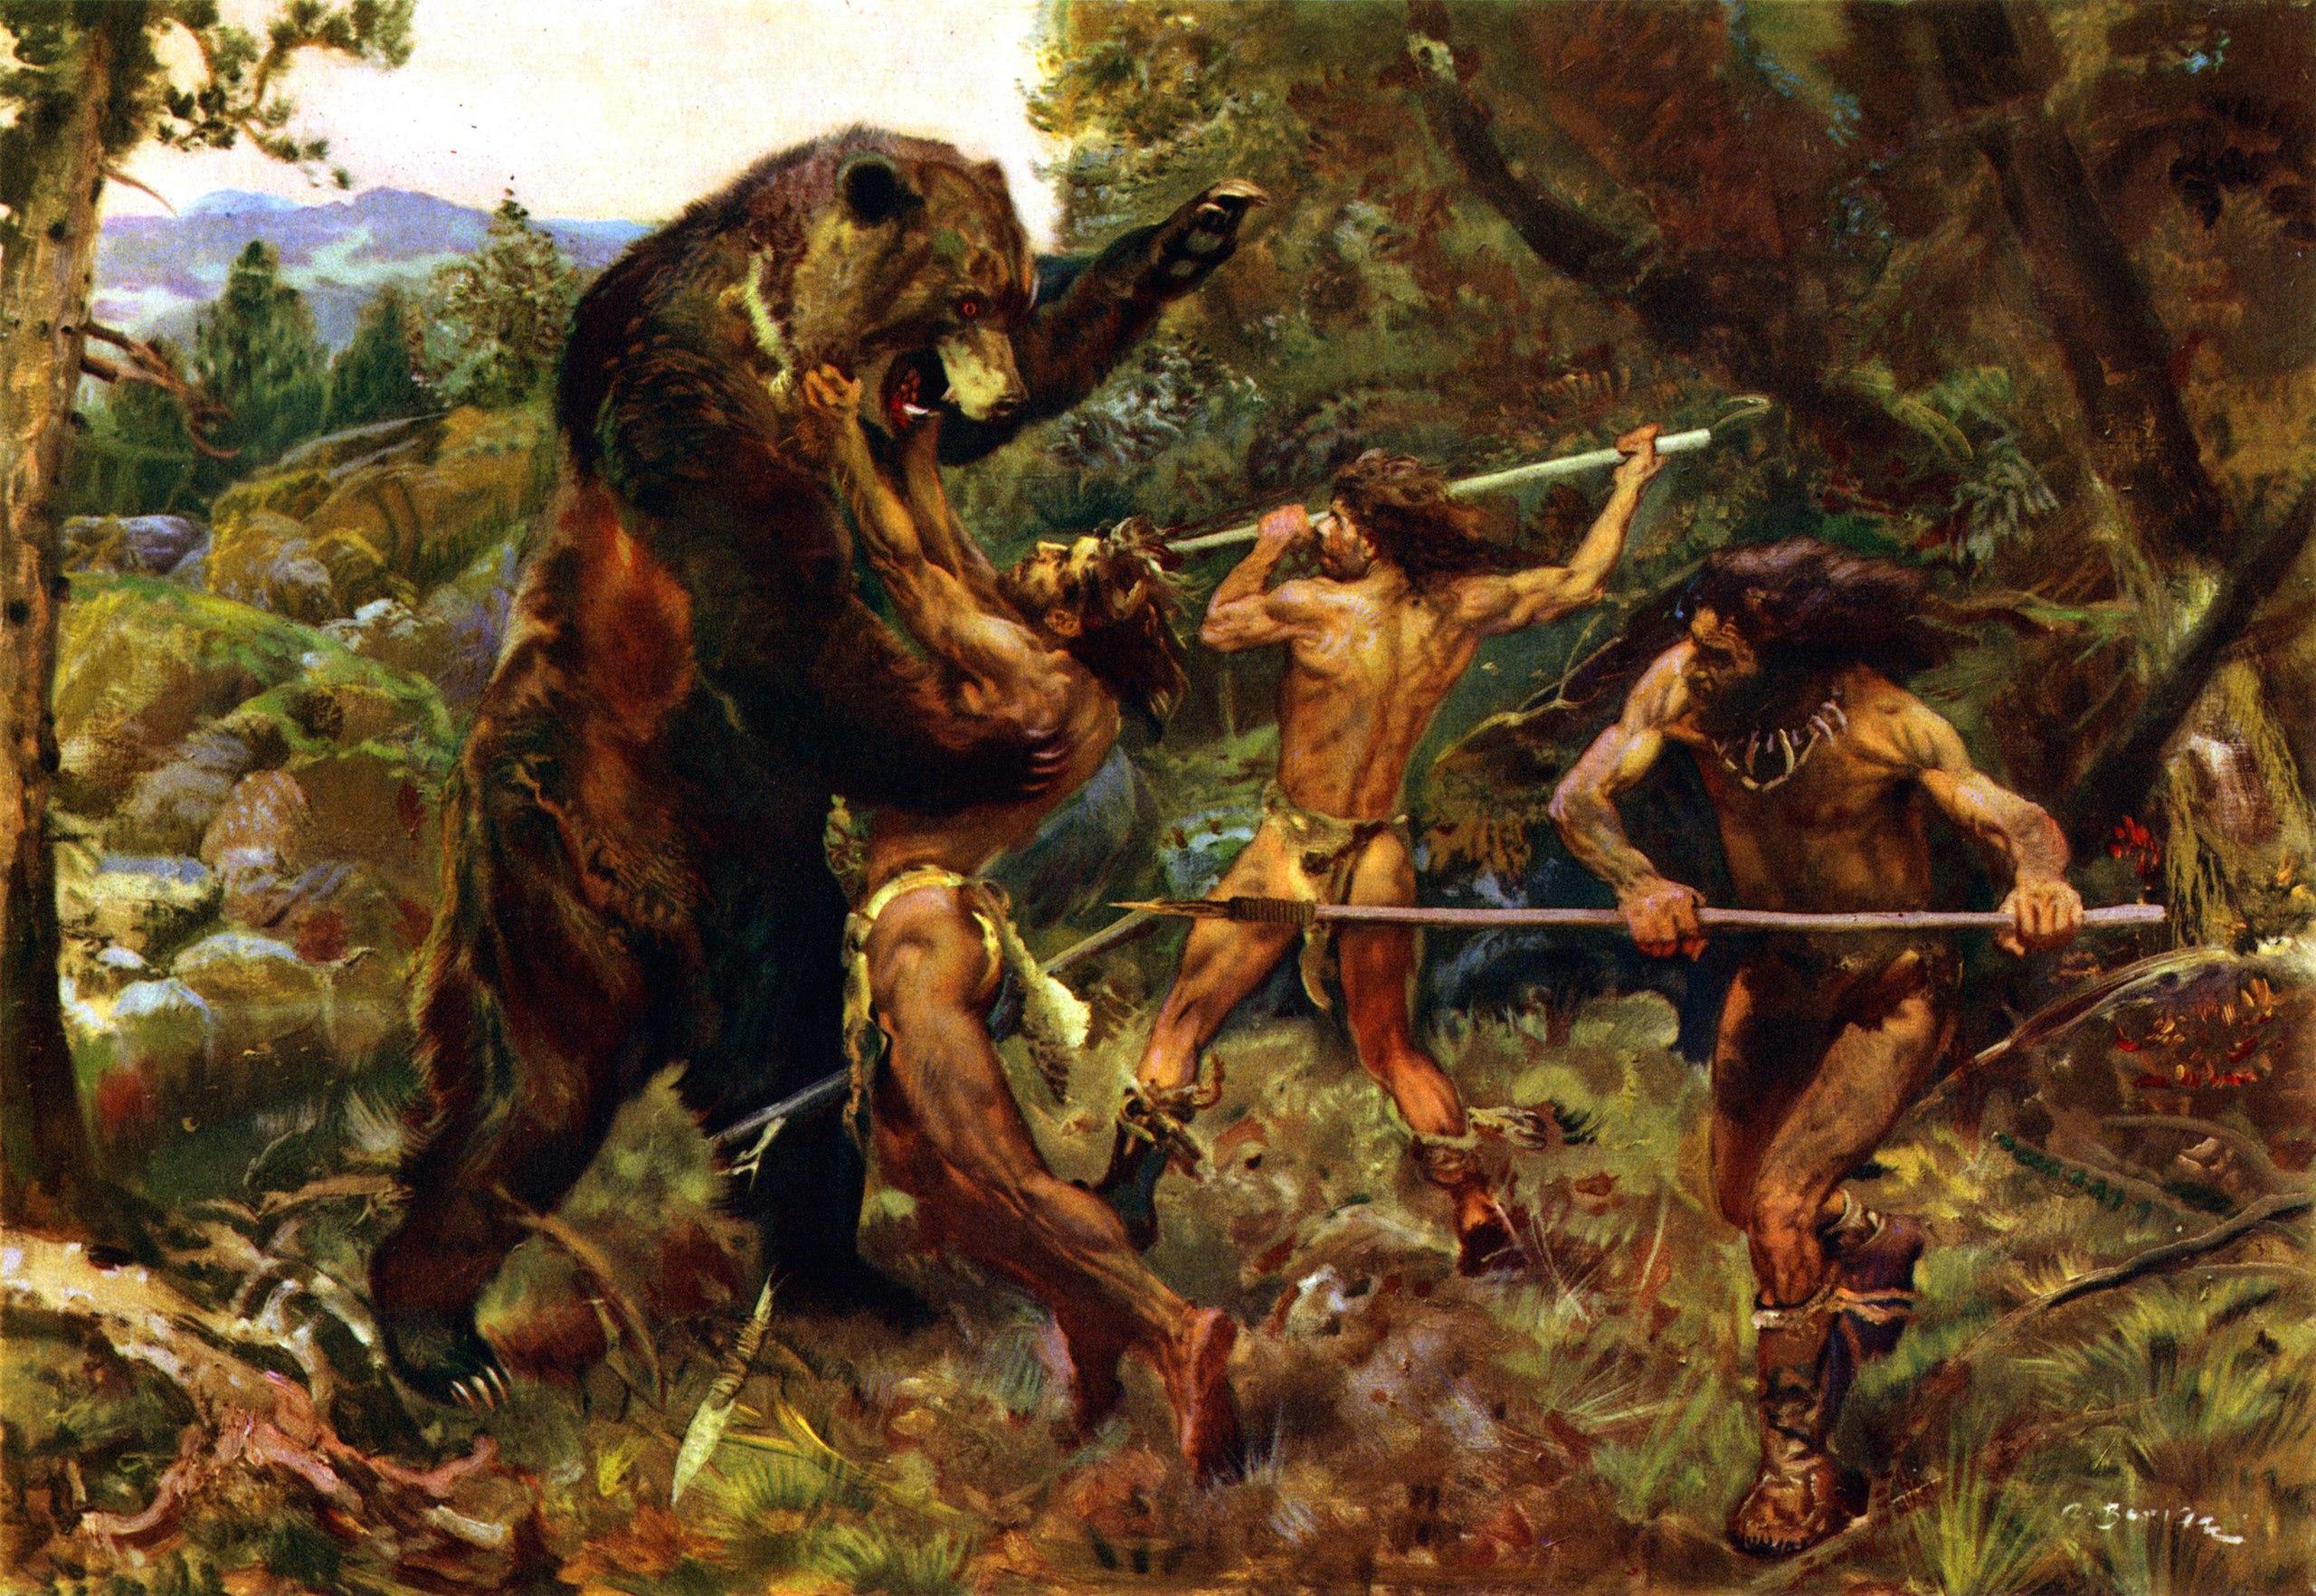 картинки древних людей смотреть